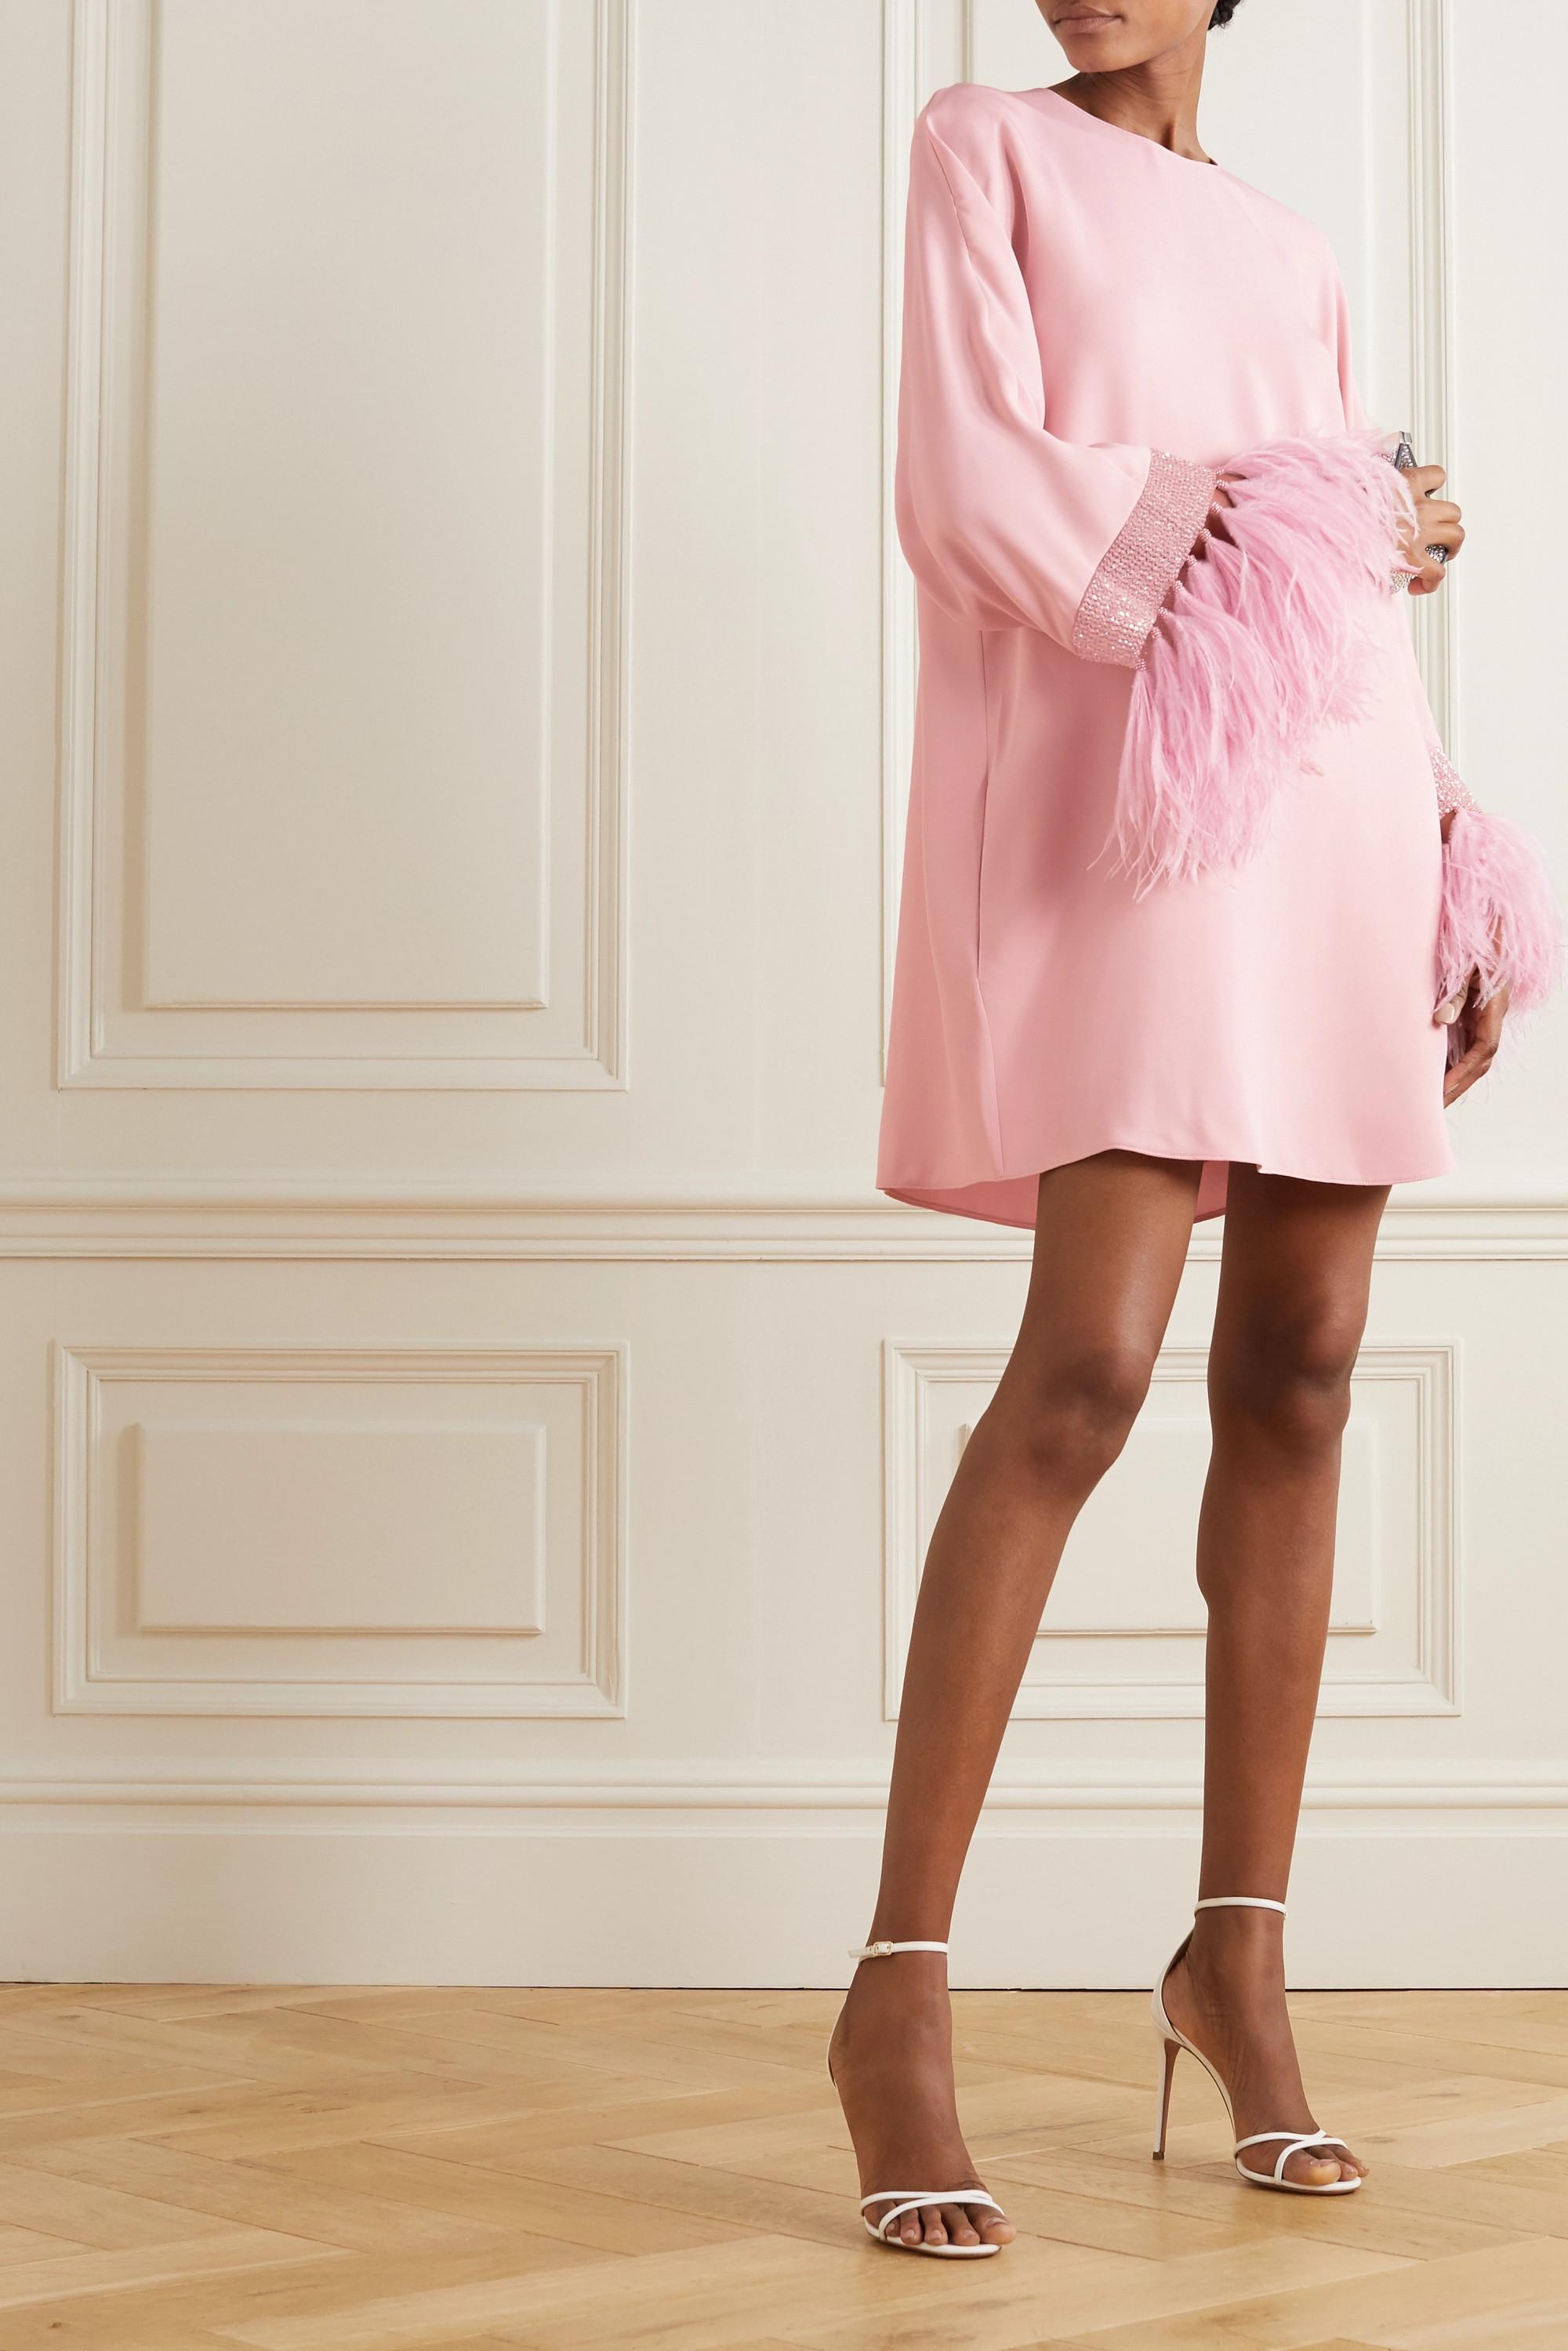 Valentino Minikleid aus Crêpe mit Federn und Verzierungen